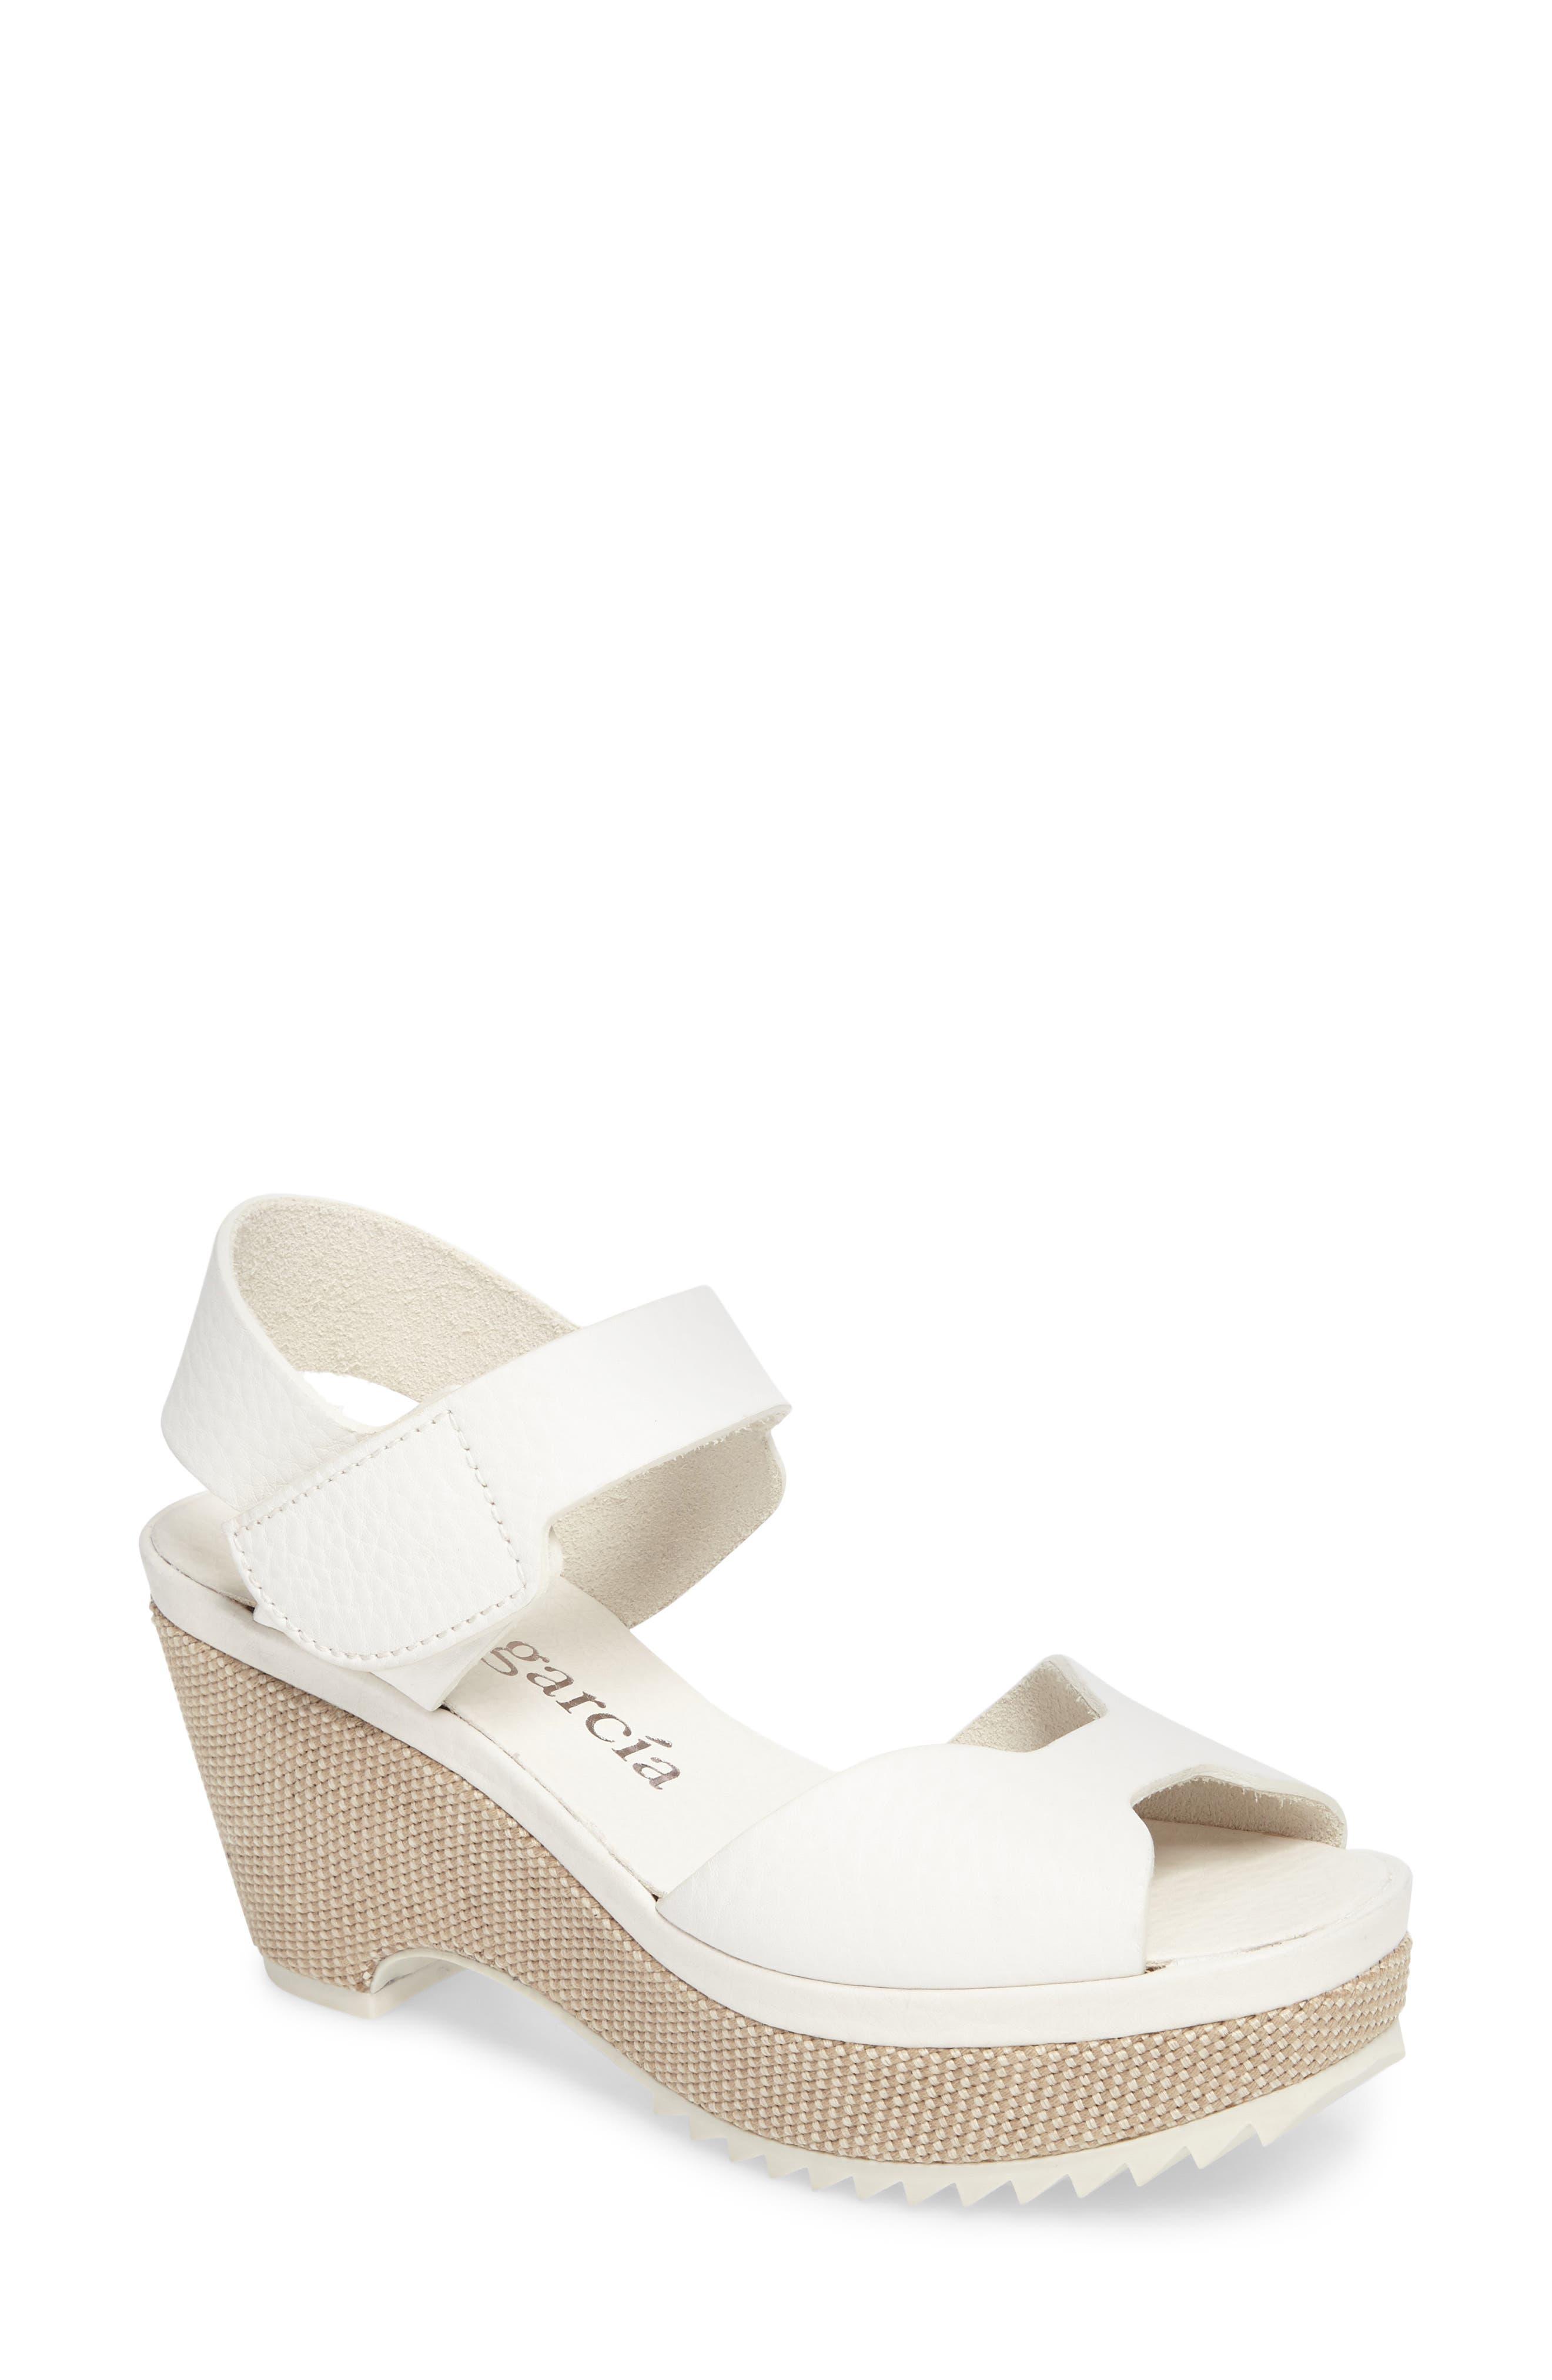 Fah Wedge Sandal,                         Main,                         color, 100